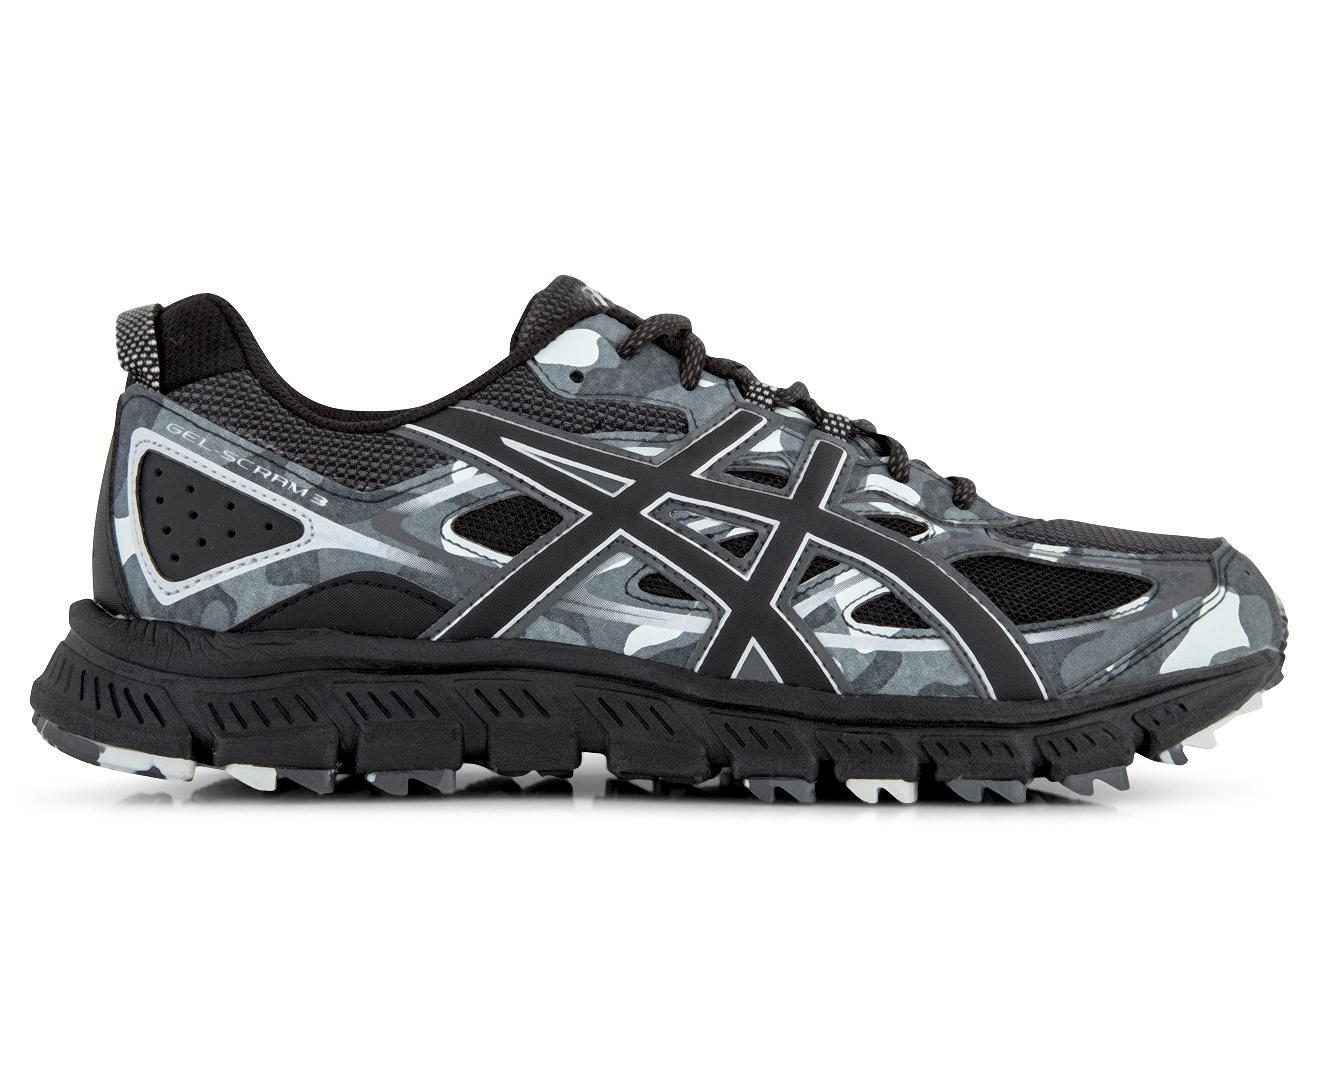 Asics Gel De Los Hombres-scram 3 Zapato - Negro / Gris Glaciar YOU4Bjln